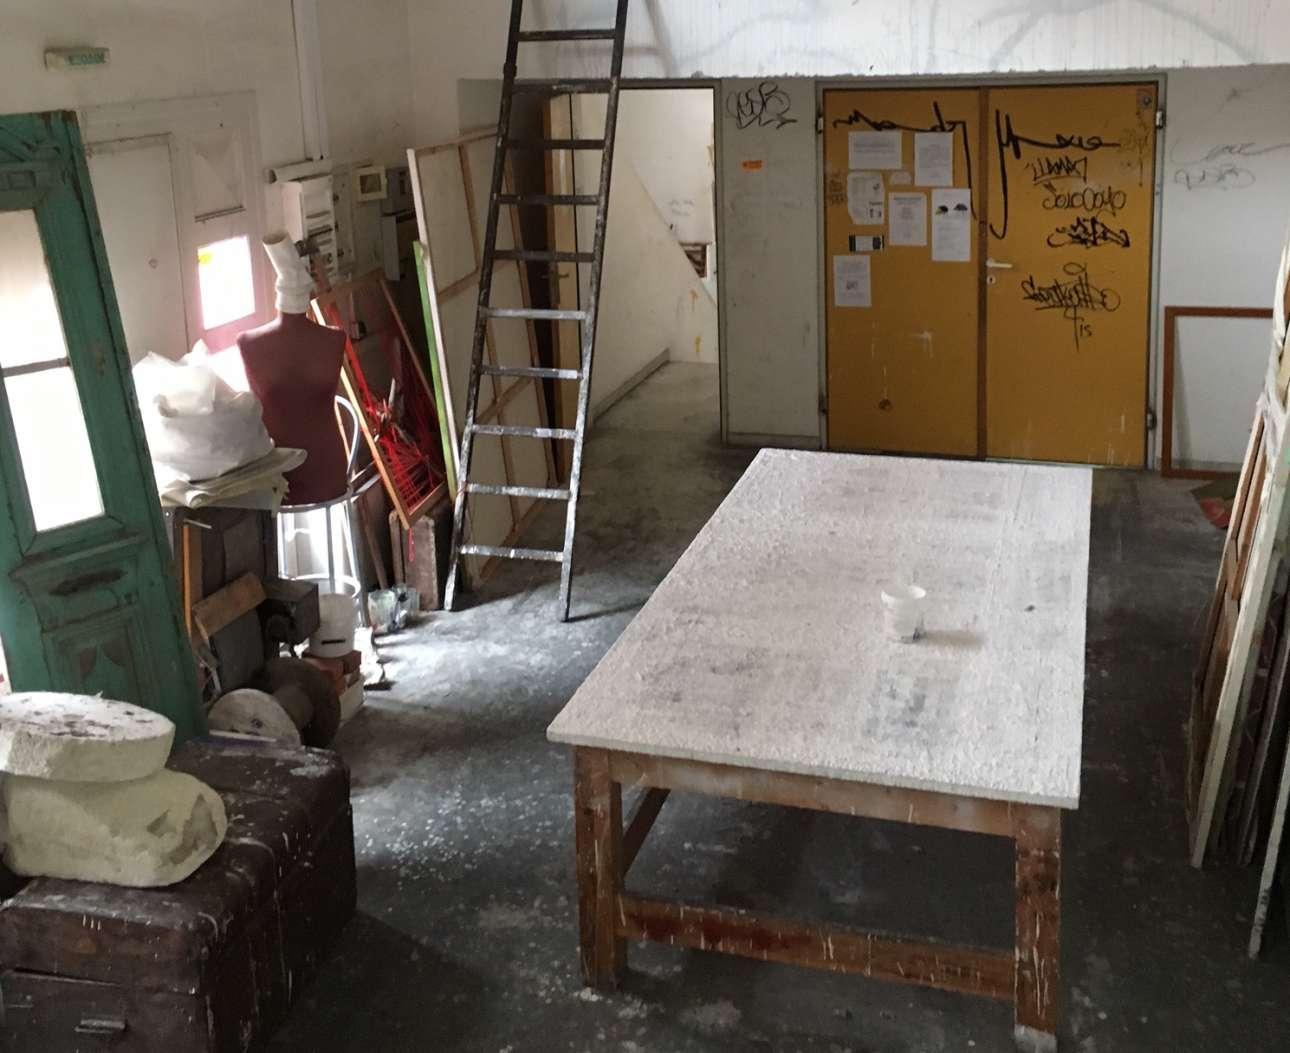 Τελάρα, κασέλες, υλικά και βρωμιά μέσα στο μοντέρνο κτίριο της Σχολής Καλών Τεχνών